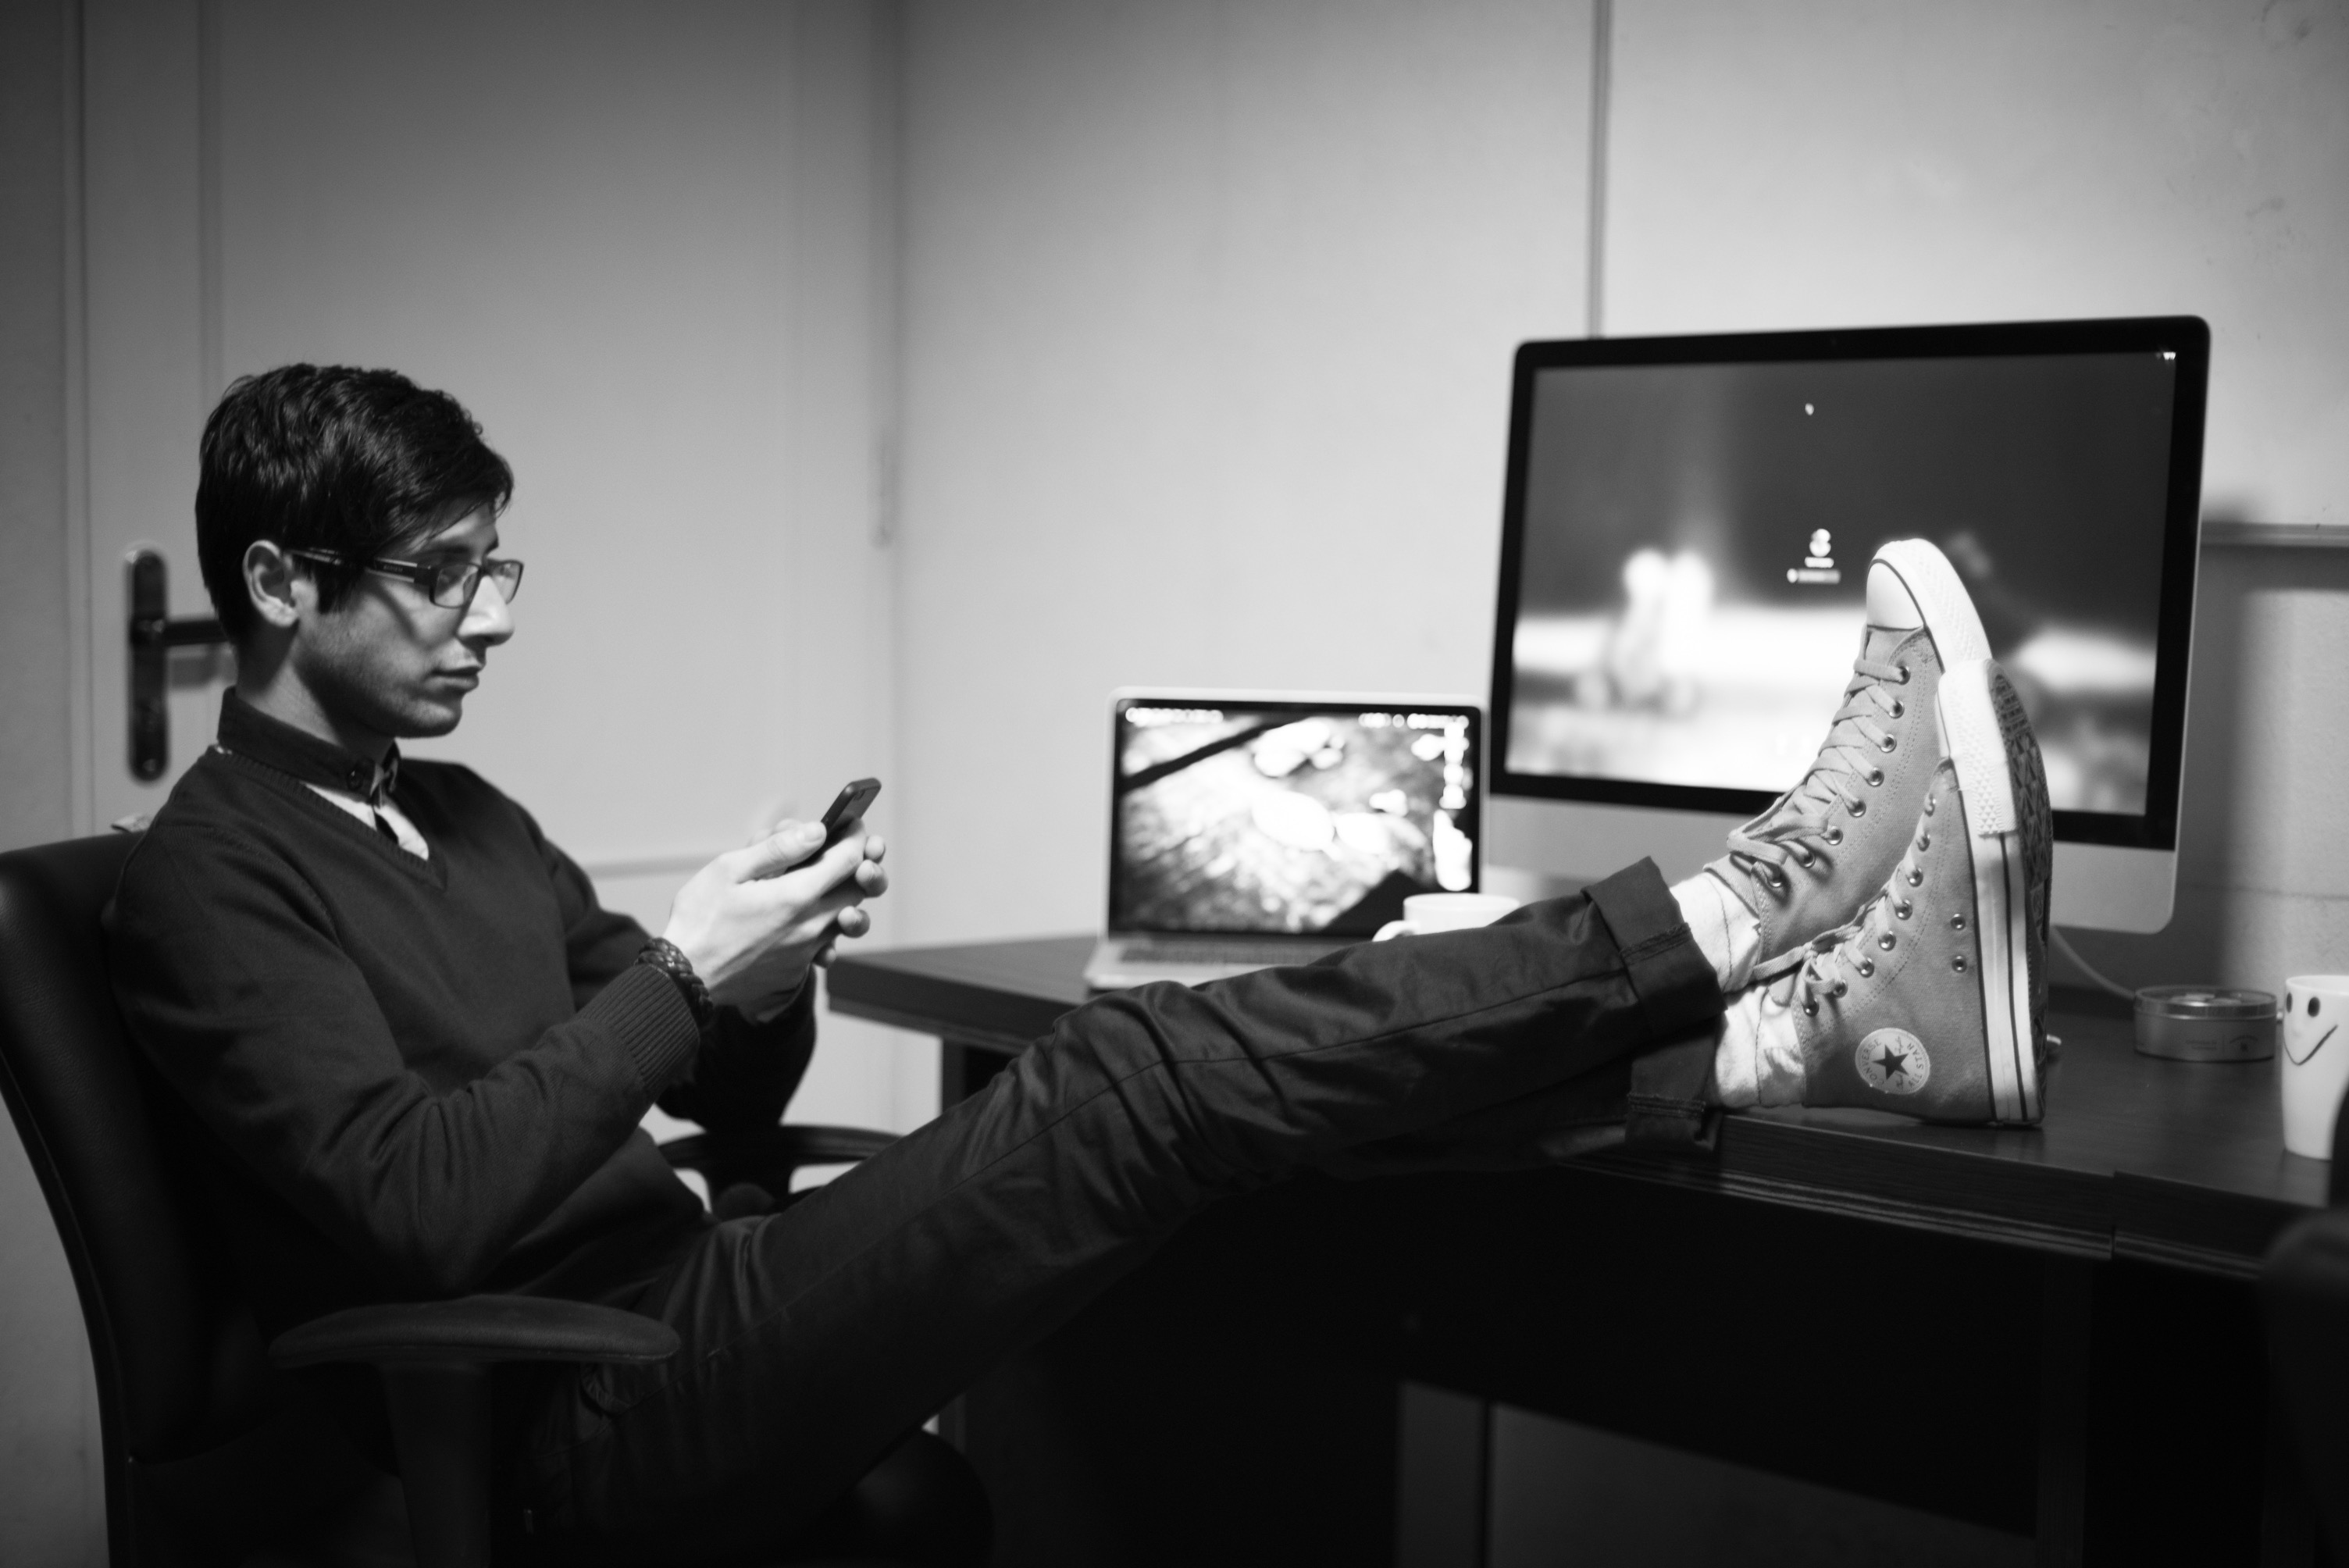 Homem usando iPhone com iMac e MacBook Pro ao fundo